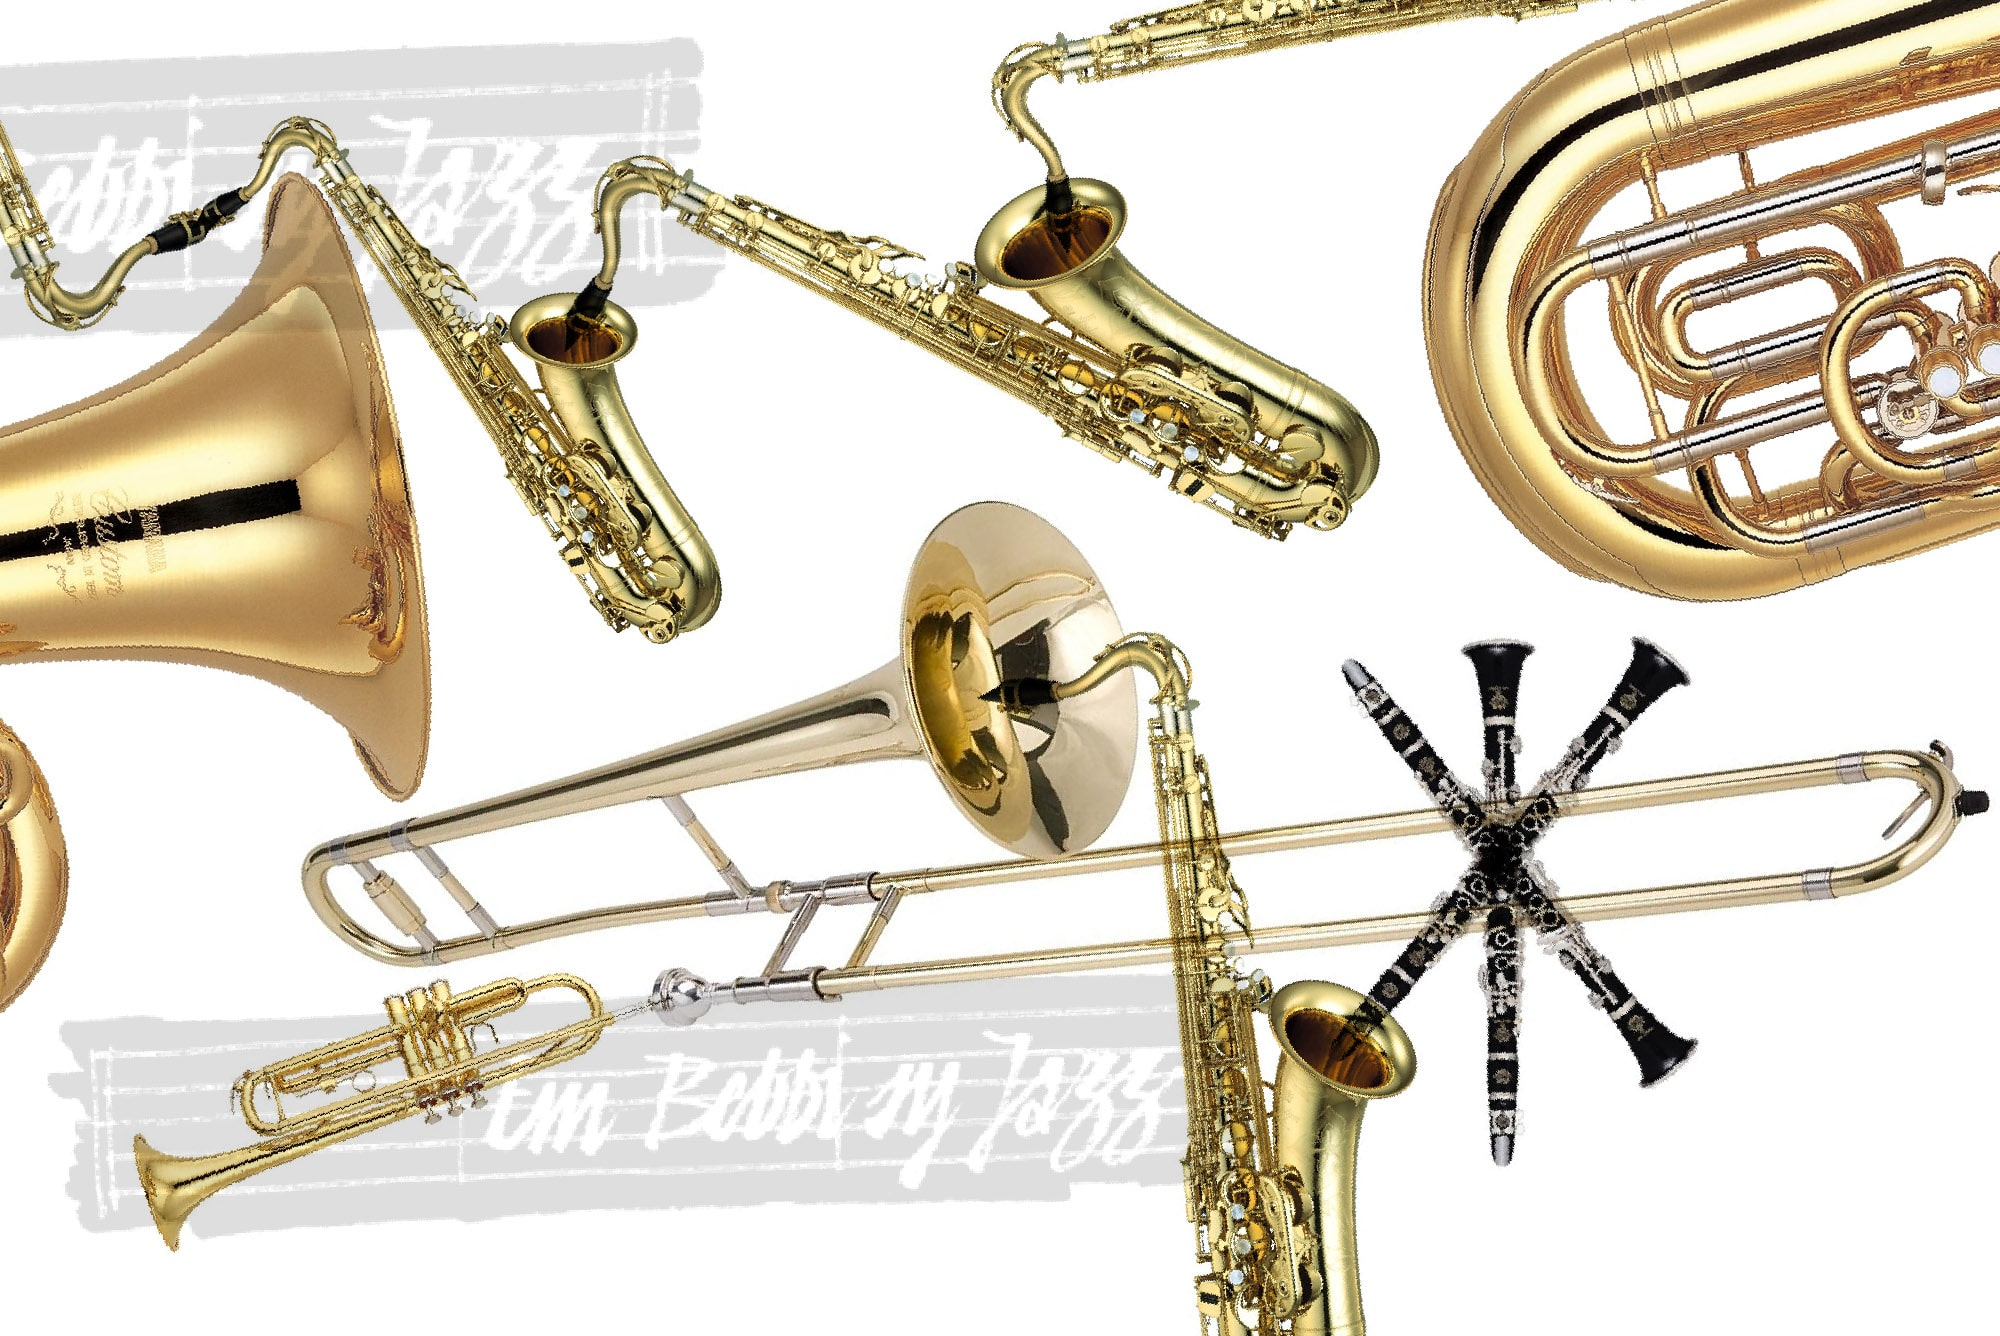 Dieses Jahr steht der Latin Jazz im Vordergrund.